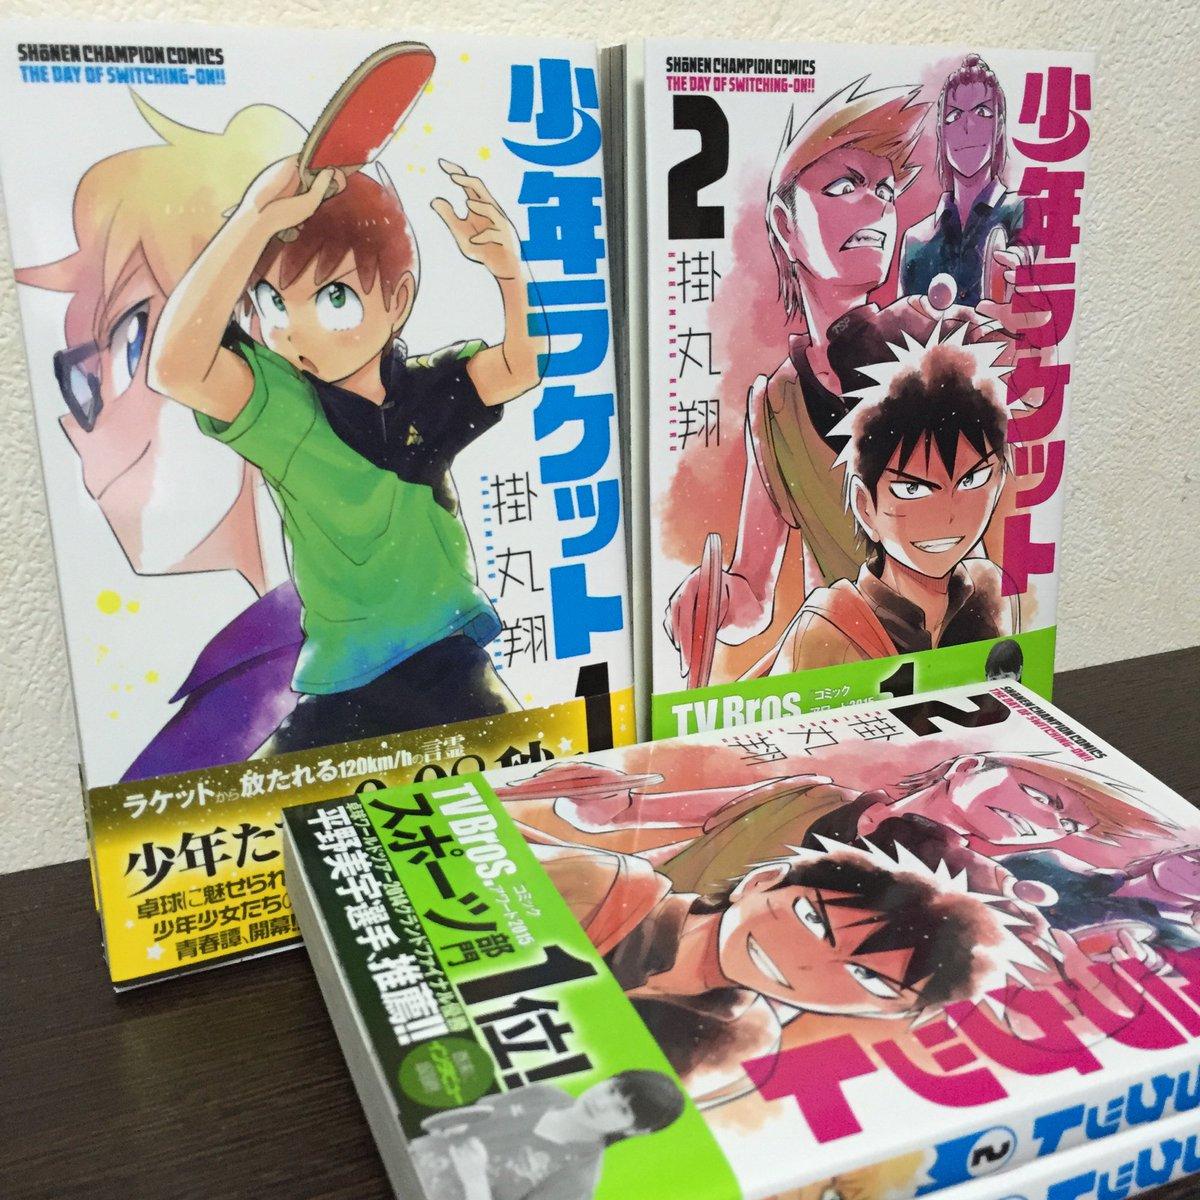 届いた〜〜〜〜!!!『少年ラケット』2巻は12月8日発売ですよ!!!来週!いぇい! https://t.co/D9LoJC1EKc